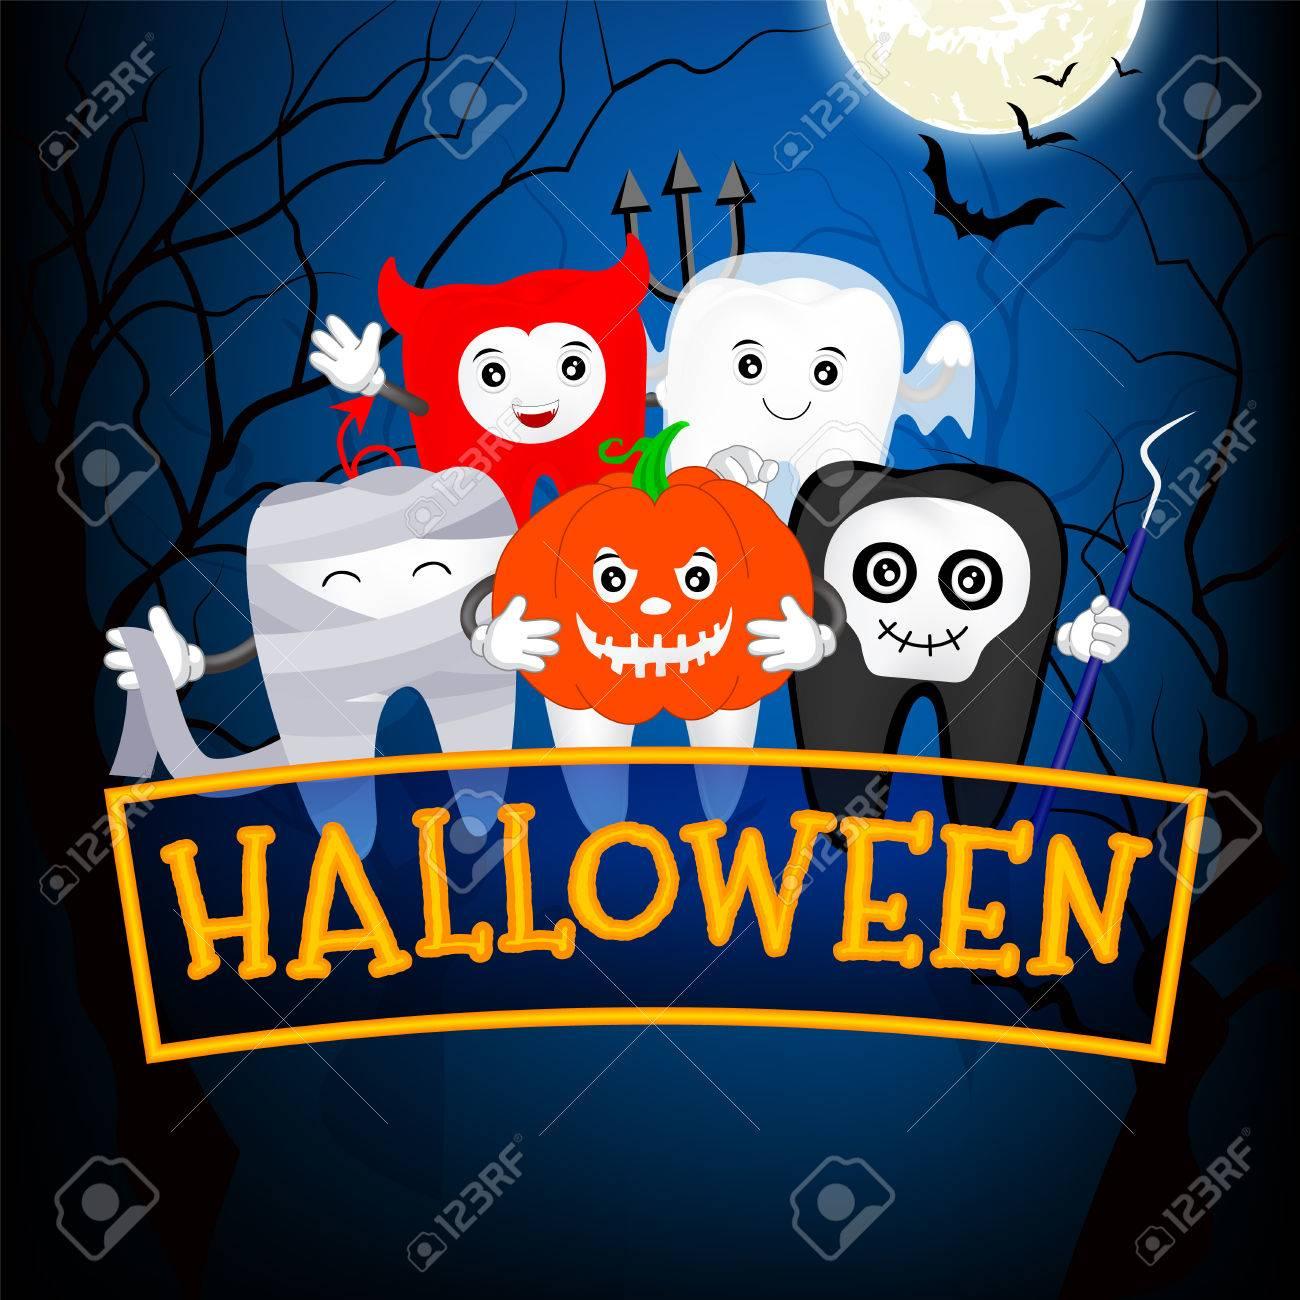 Fuuny かわいいアニメキャラ歯満月の夜幸せなハロウィーンの概念の悪魔